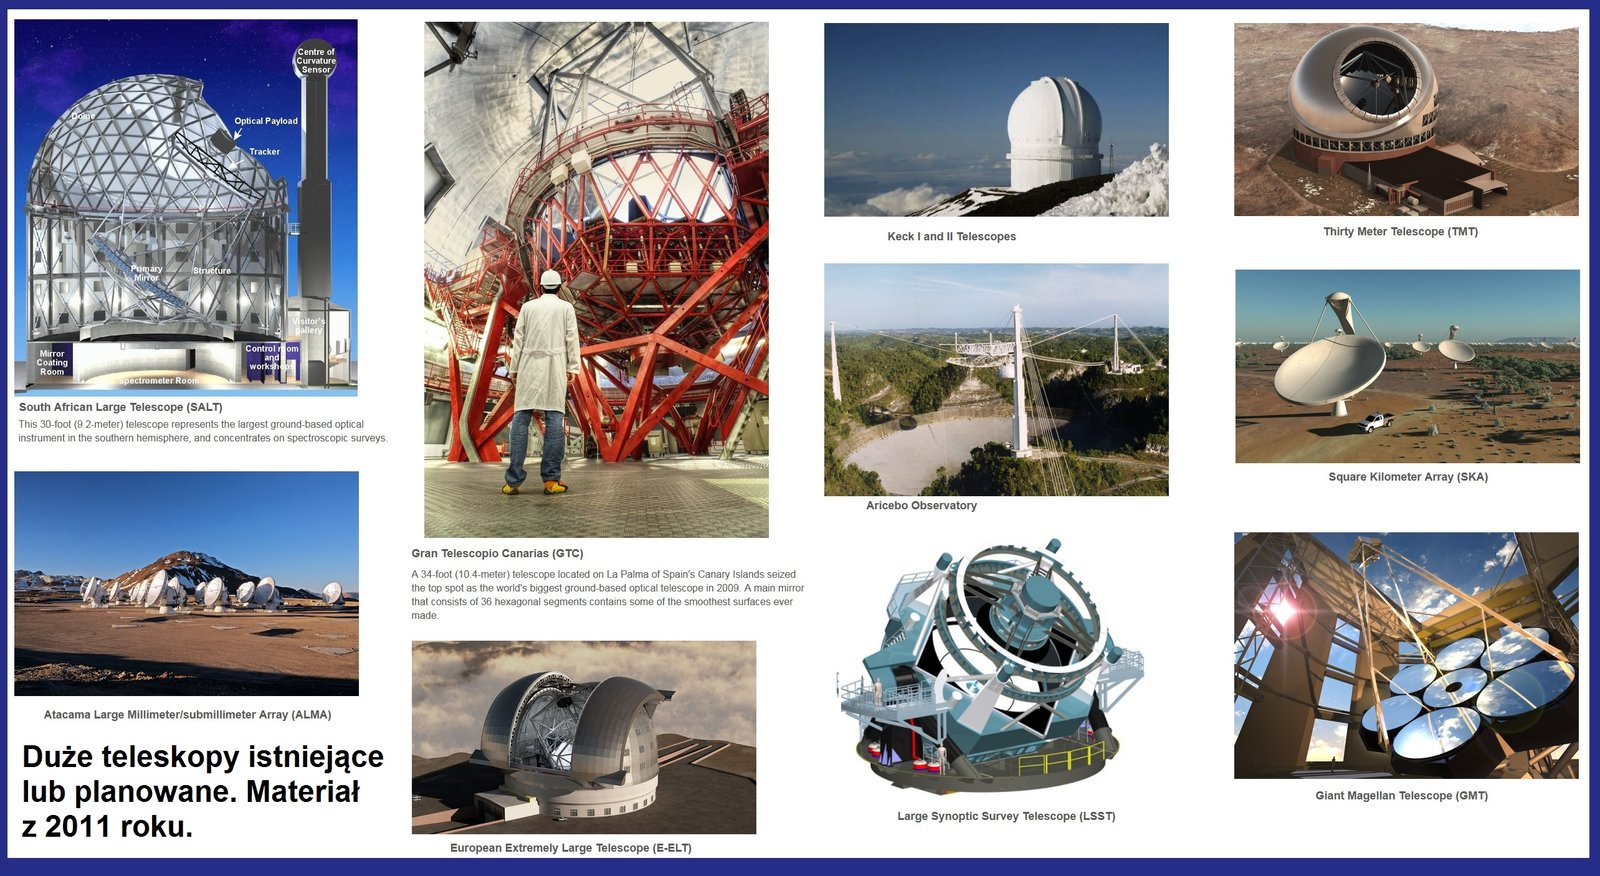 bigteleskop.jpg